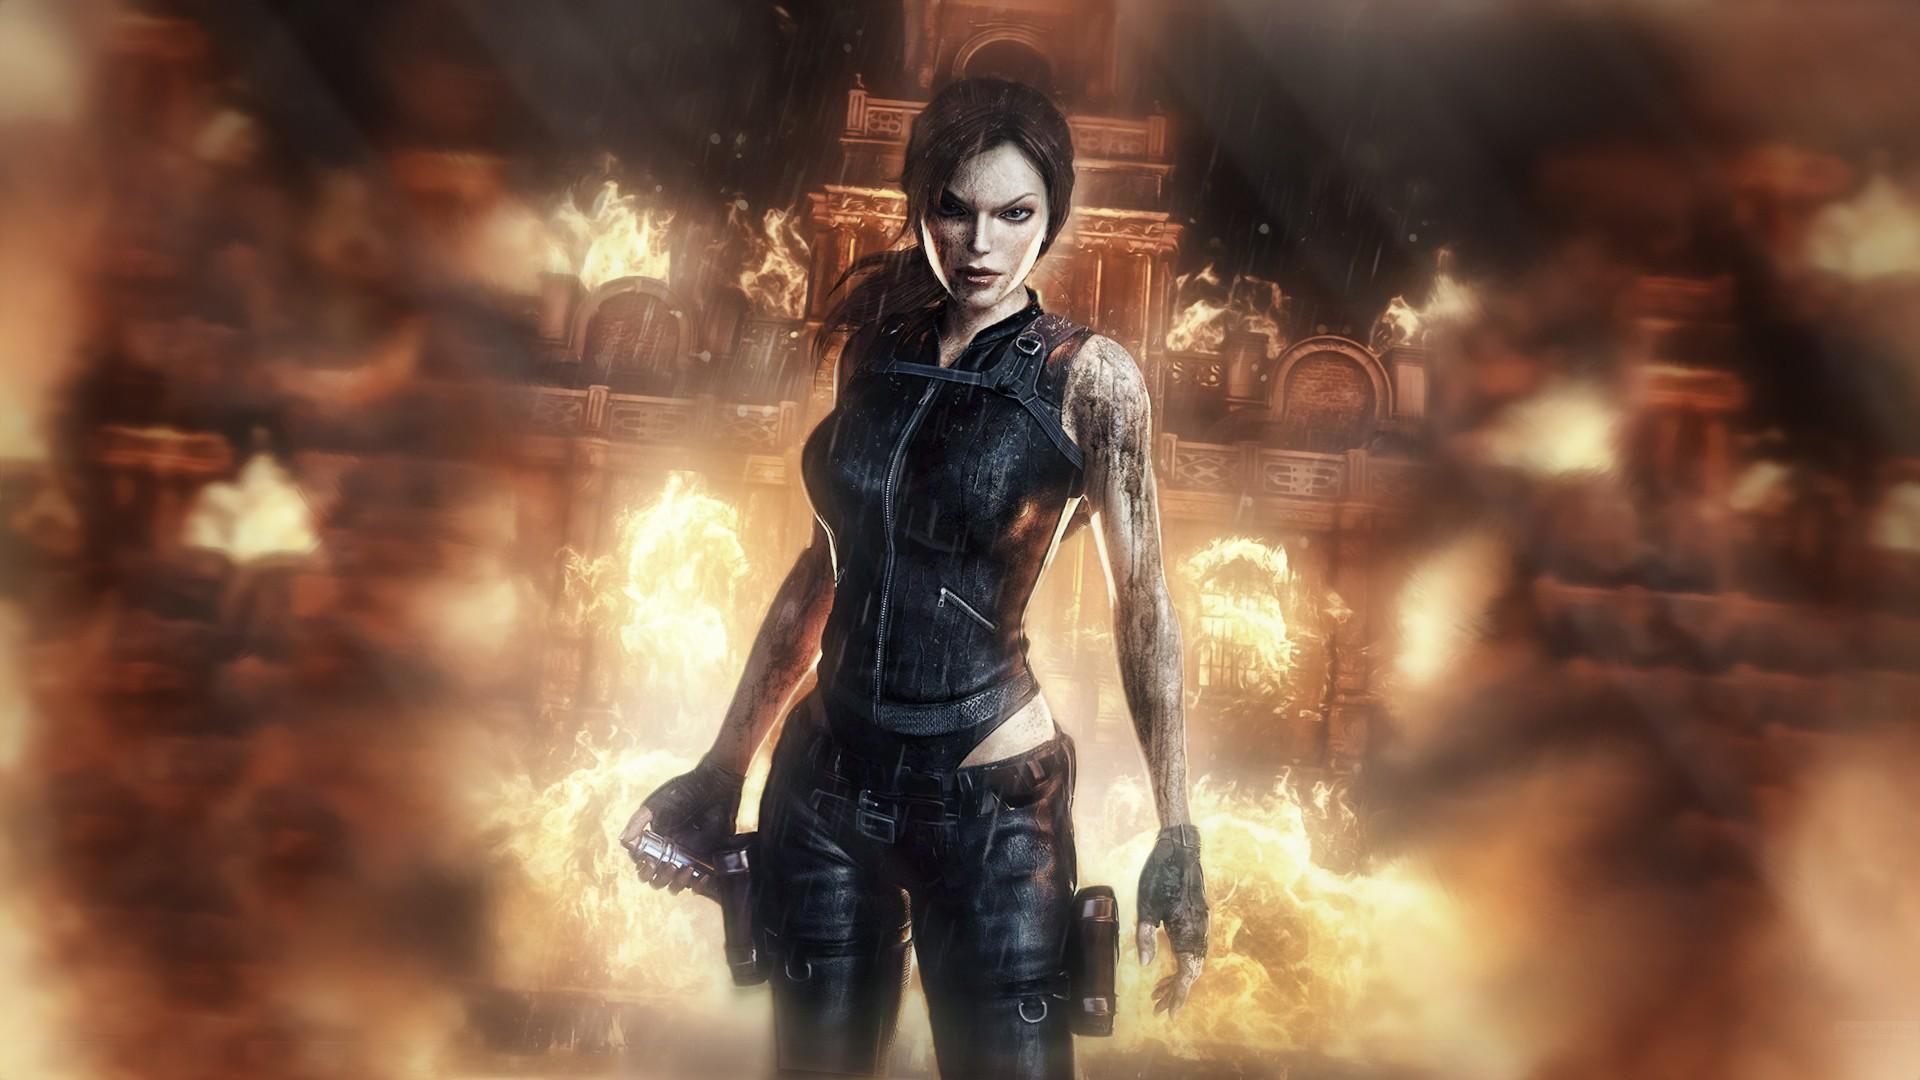 Tomb Raider Wallpaper 1920x1080 Tomb Raider Lara Croft The 1920x1080